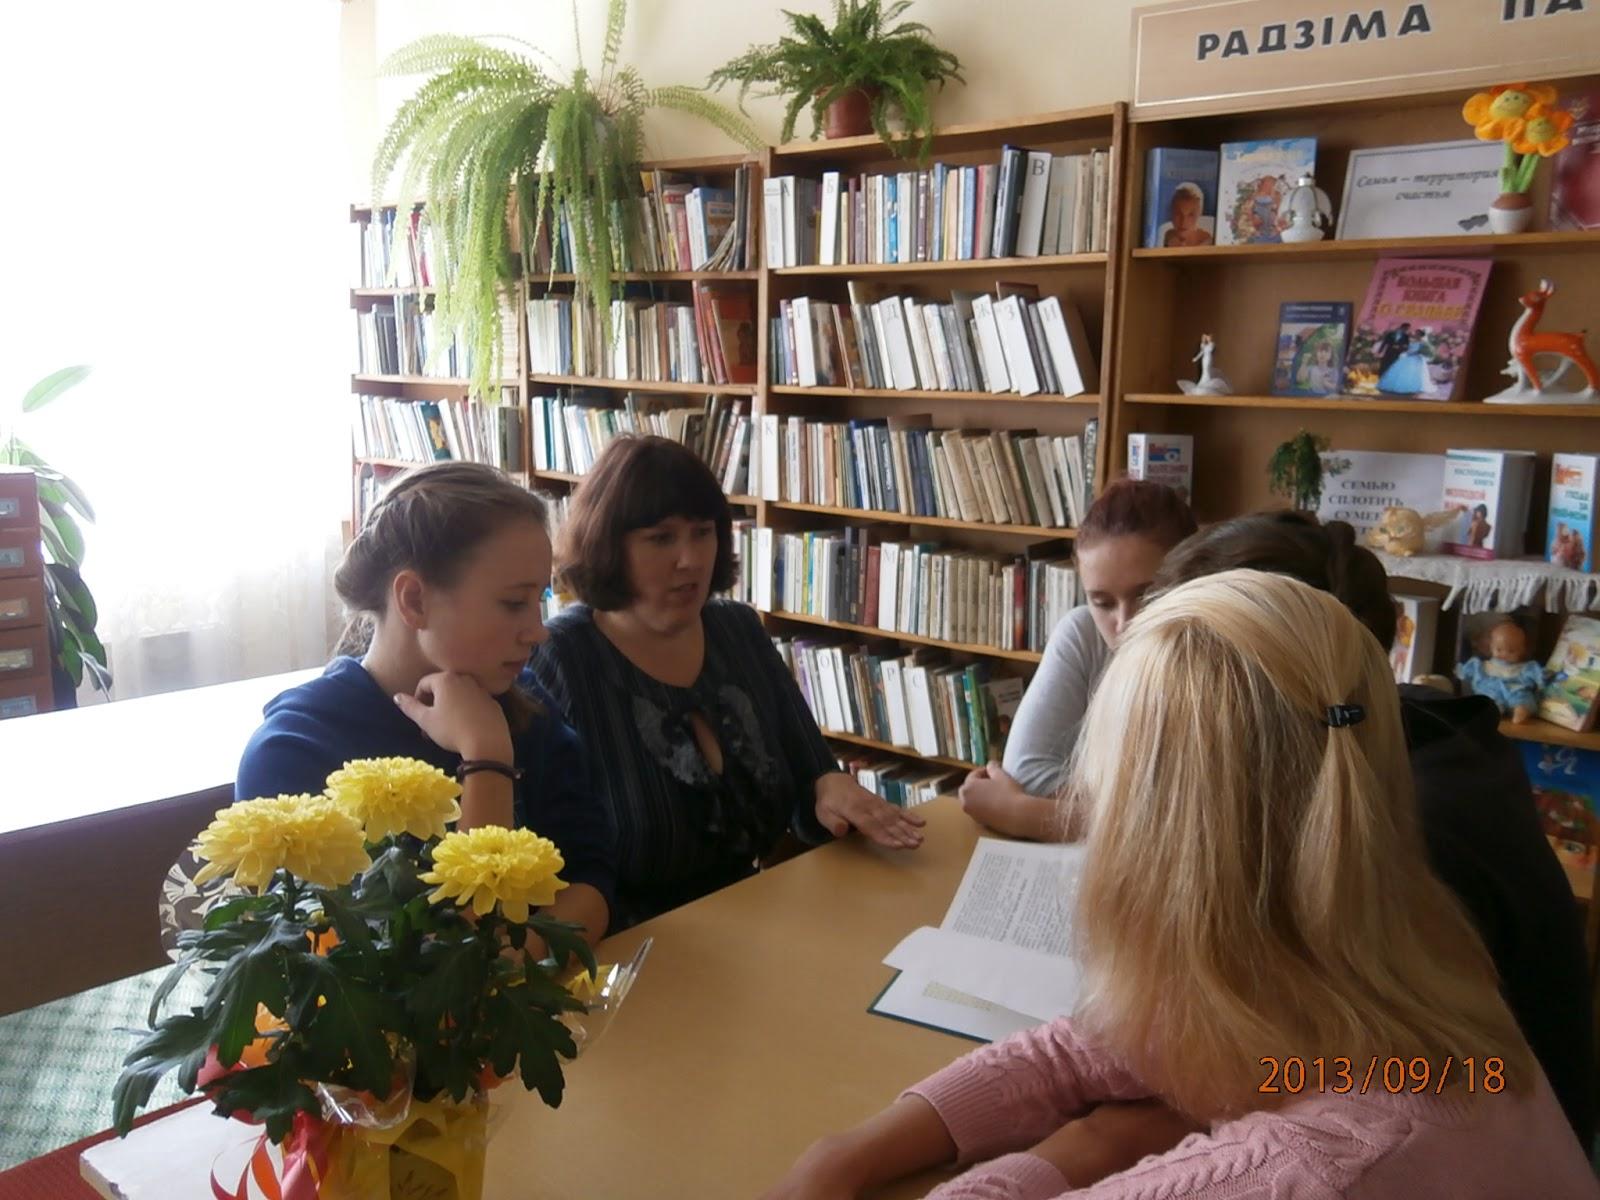 Верещагин и костомаров язык и культура читать онлайн